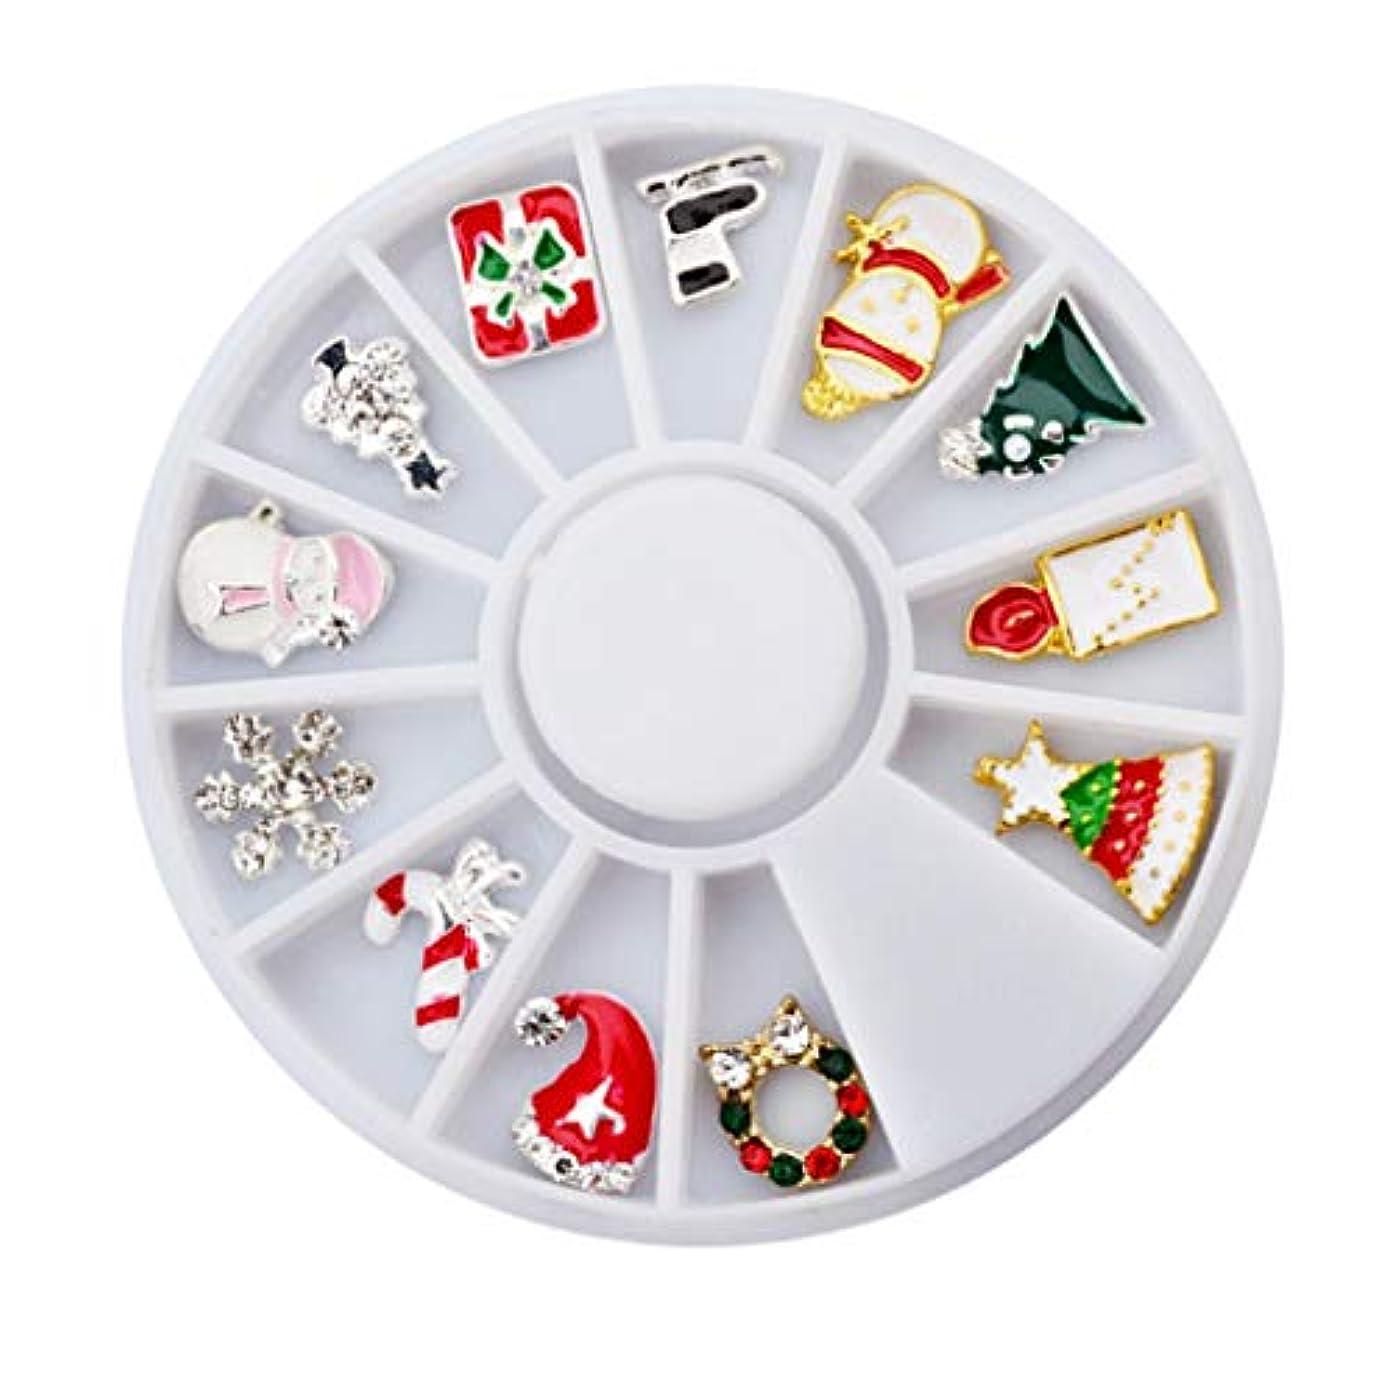 束ねるコミュニティ逸話Toygogo ネイルアート3Dアクセサリー12個混合クリスマス合金デカールDIY飾り装飾ステッカー